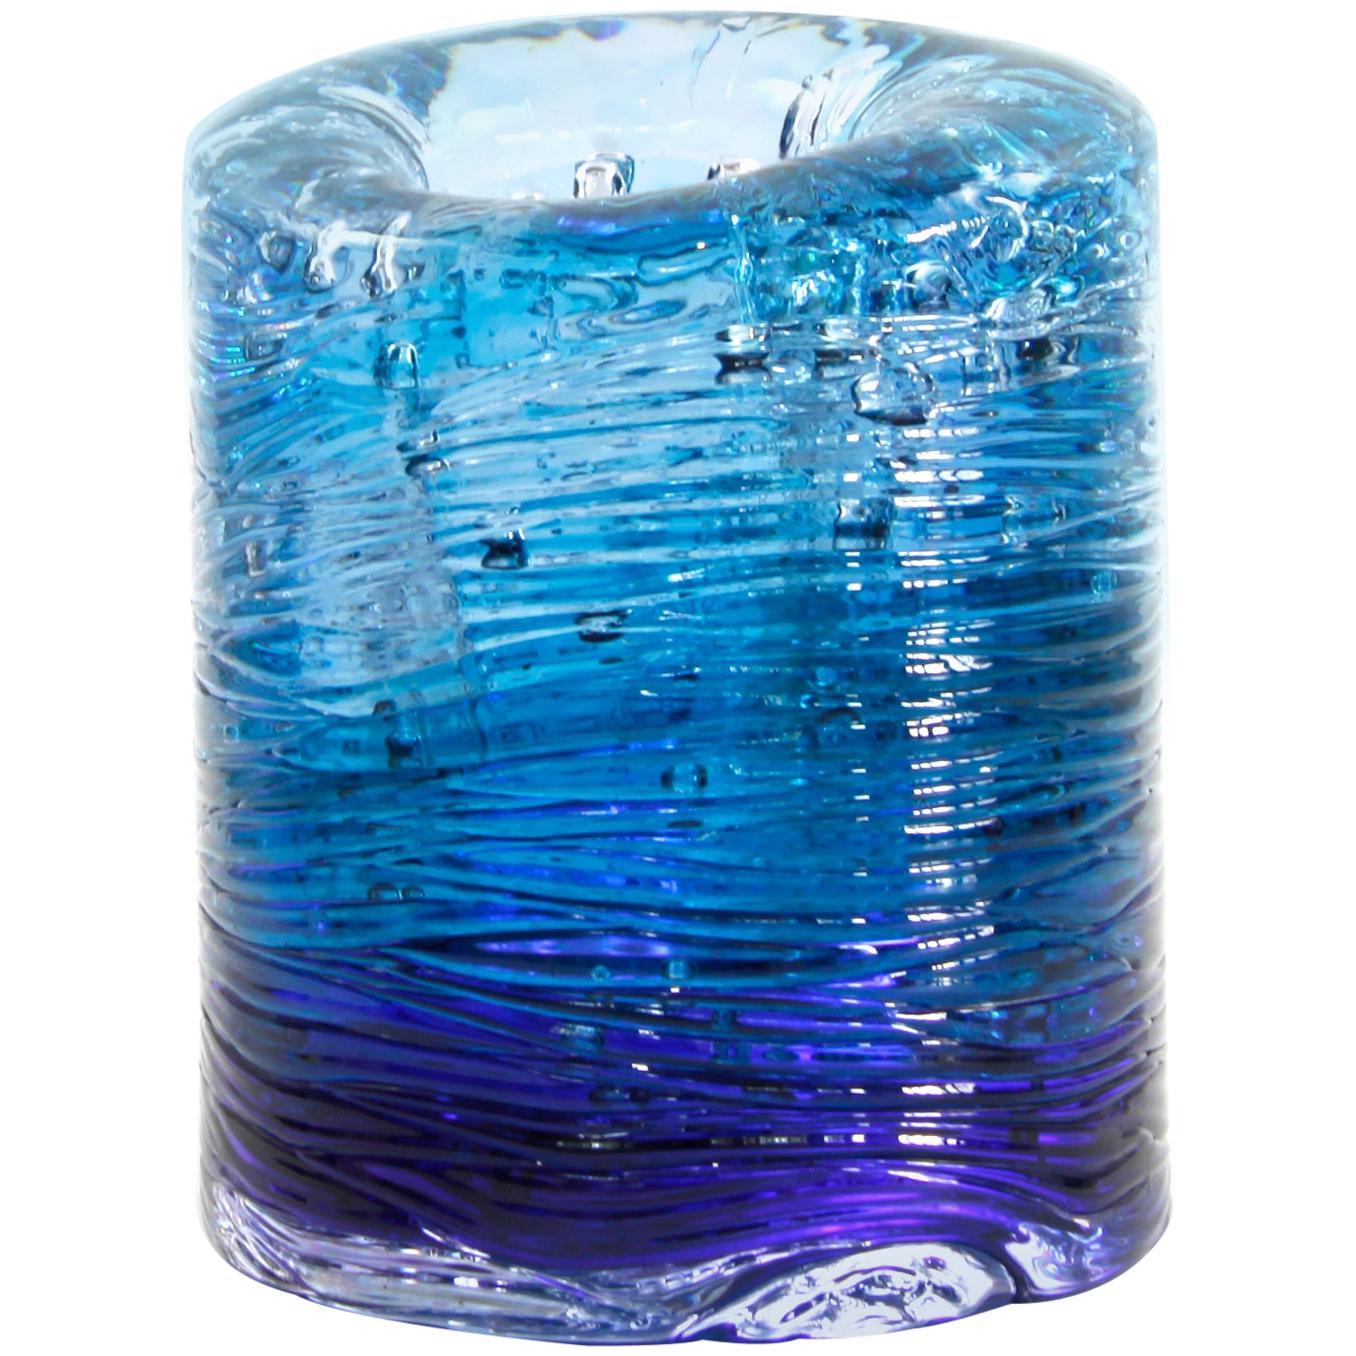 Jungle Contemporary Vase, Small Bicolor Blue and Violet by Jacopo Foggini